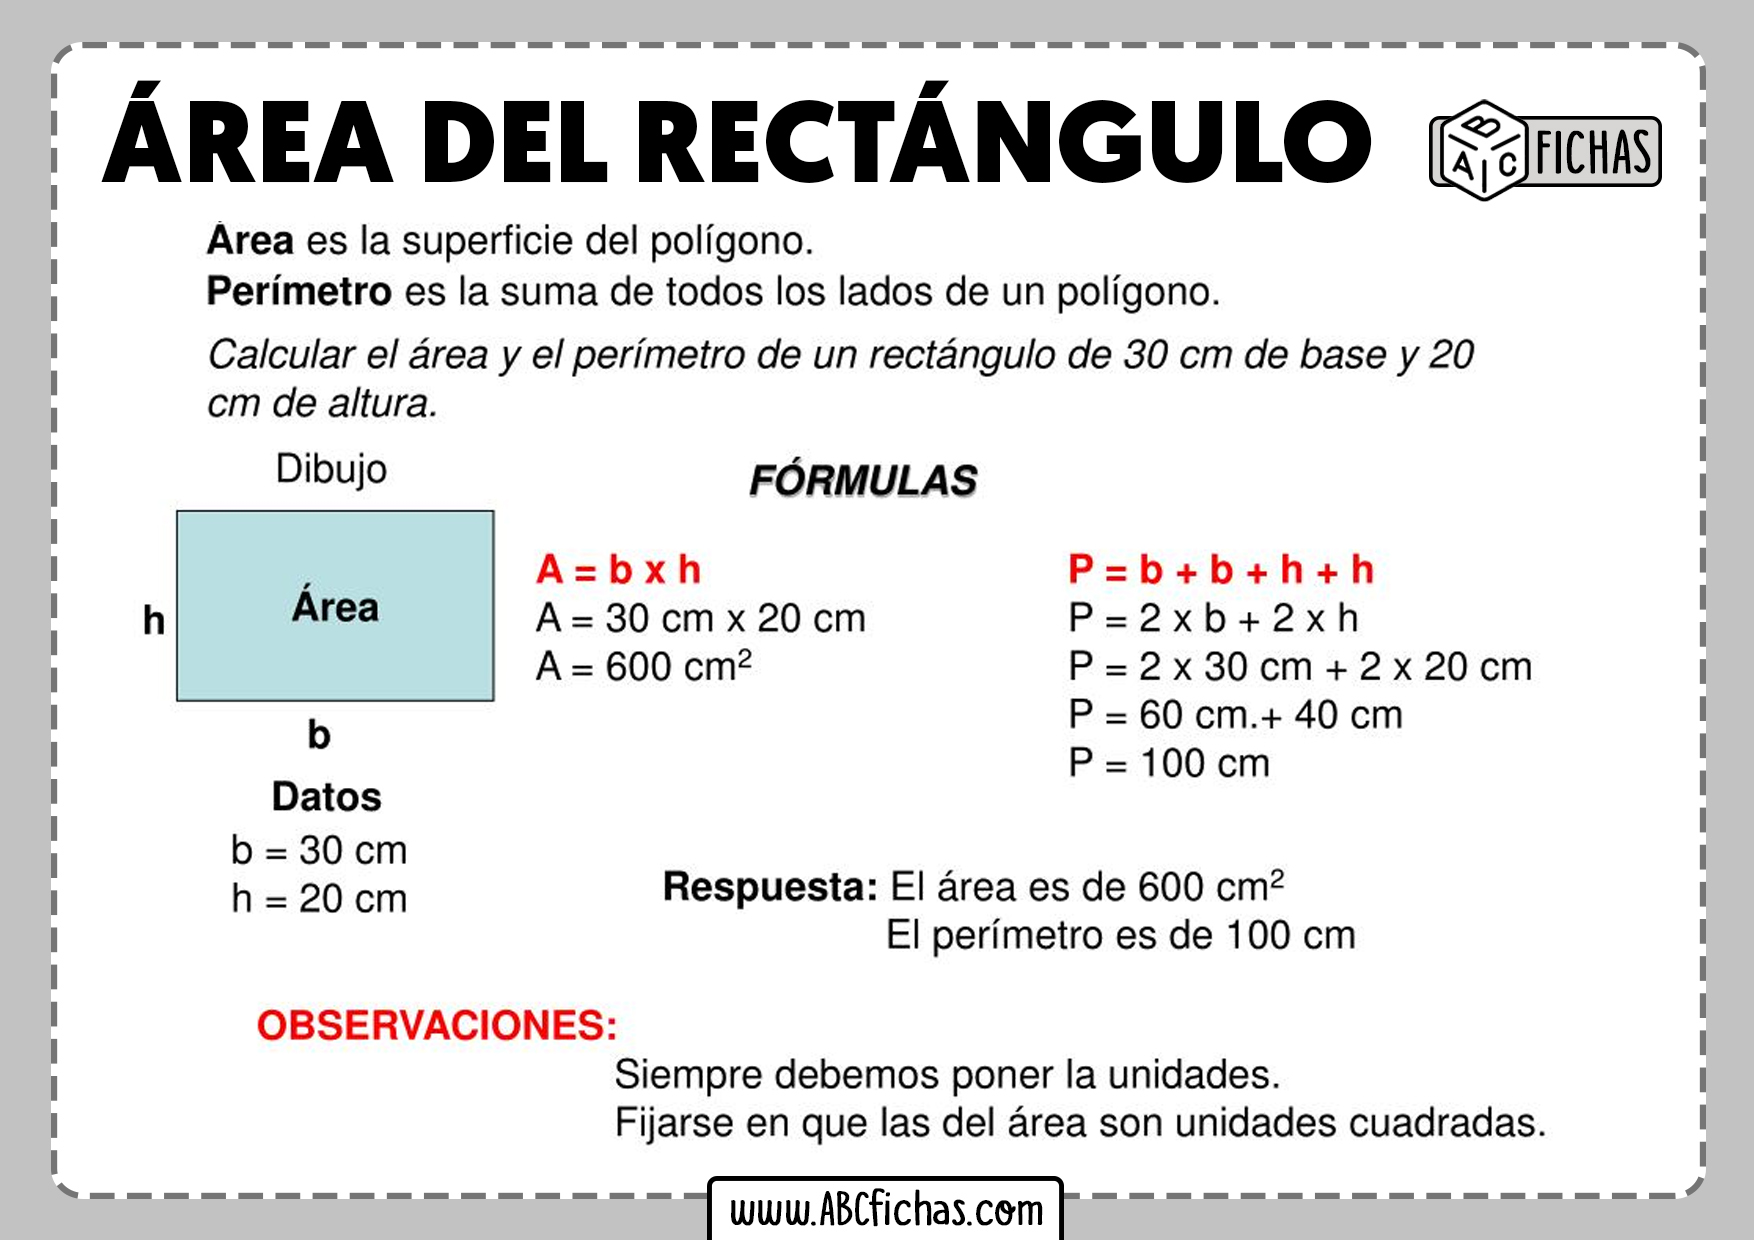 Formula del area del rectangulo